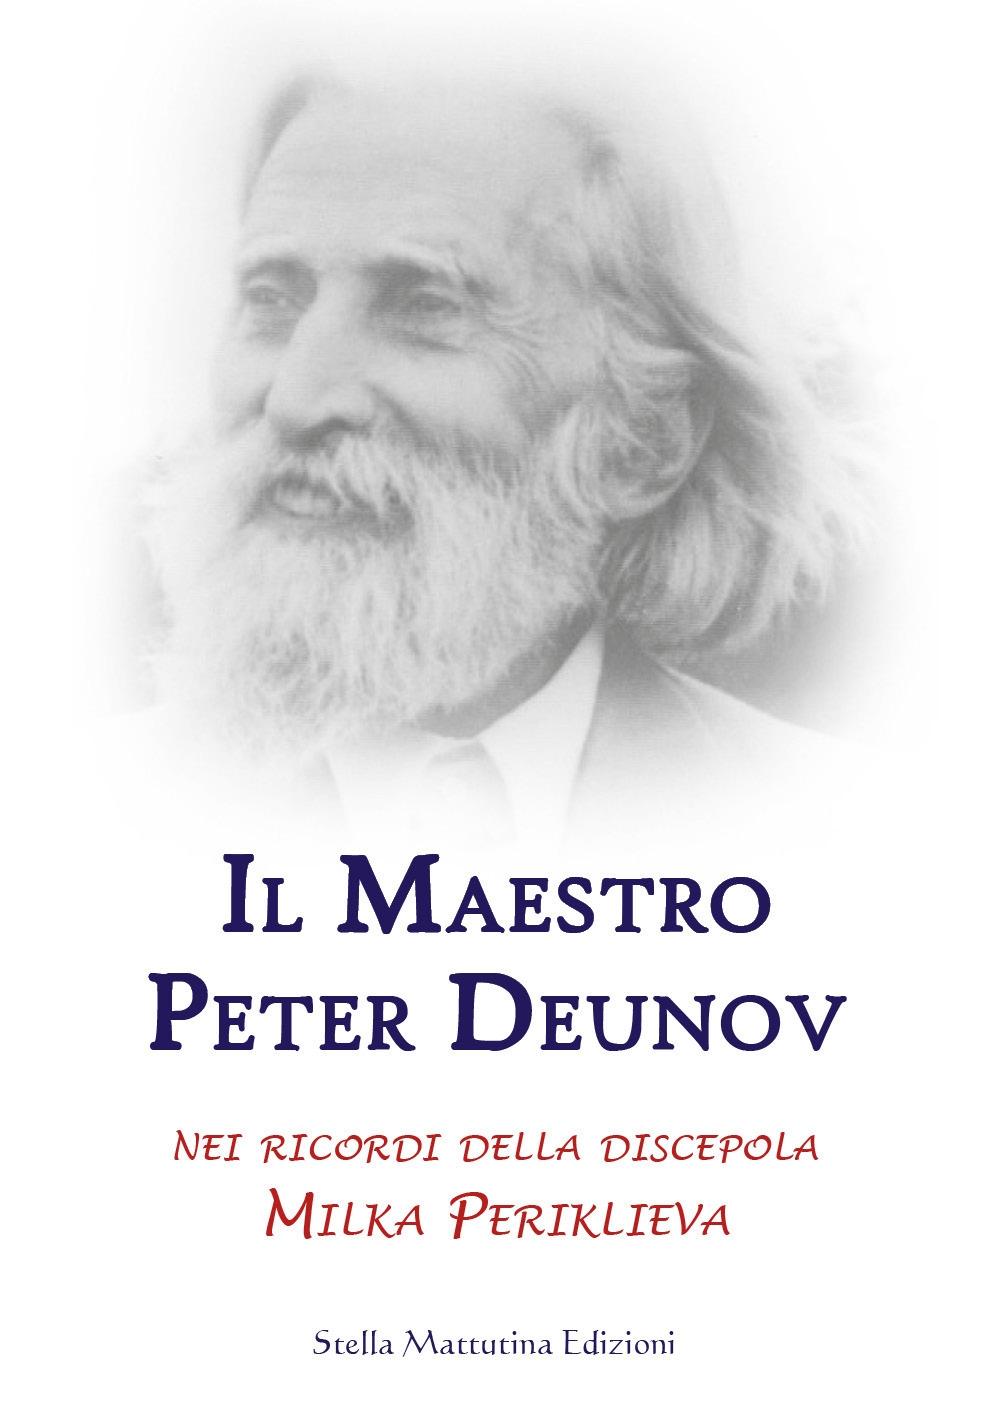 Il maestro Peter Deunov nei ricordi della discepola Milka Periklieva.